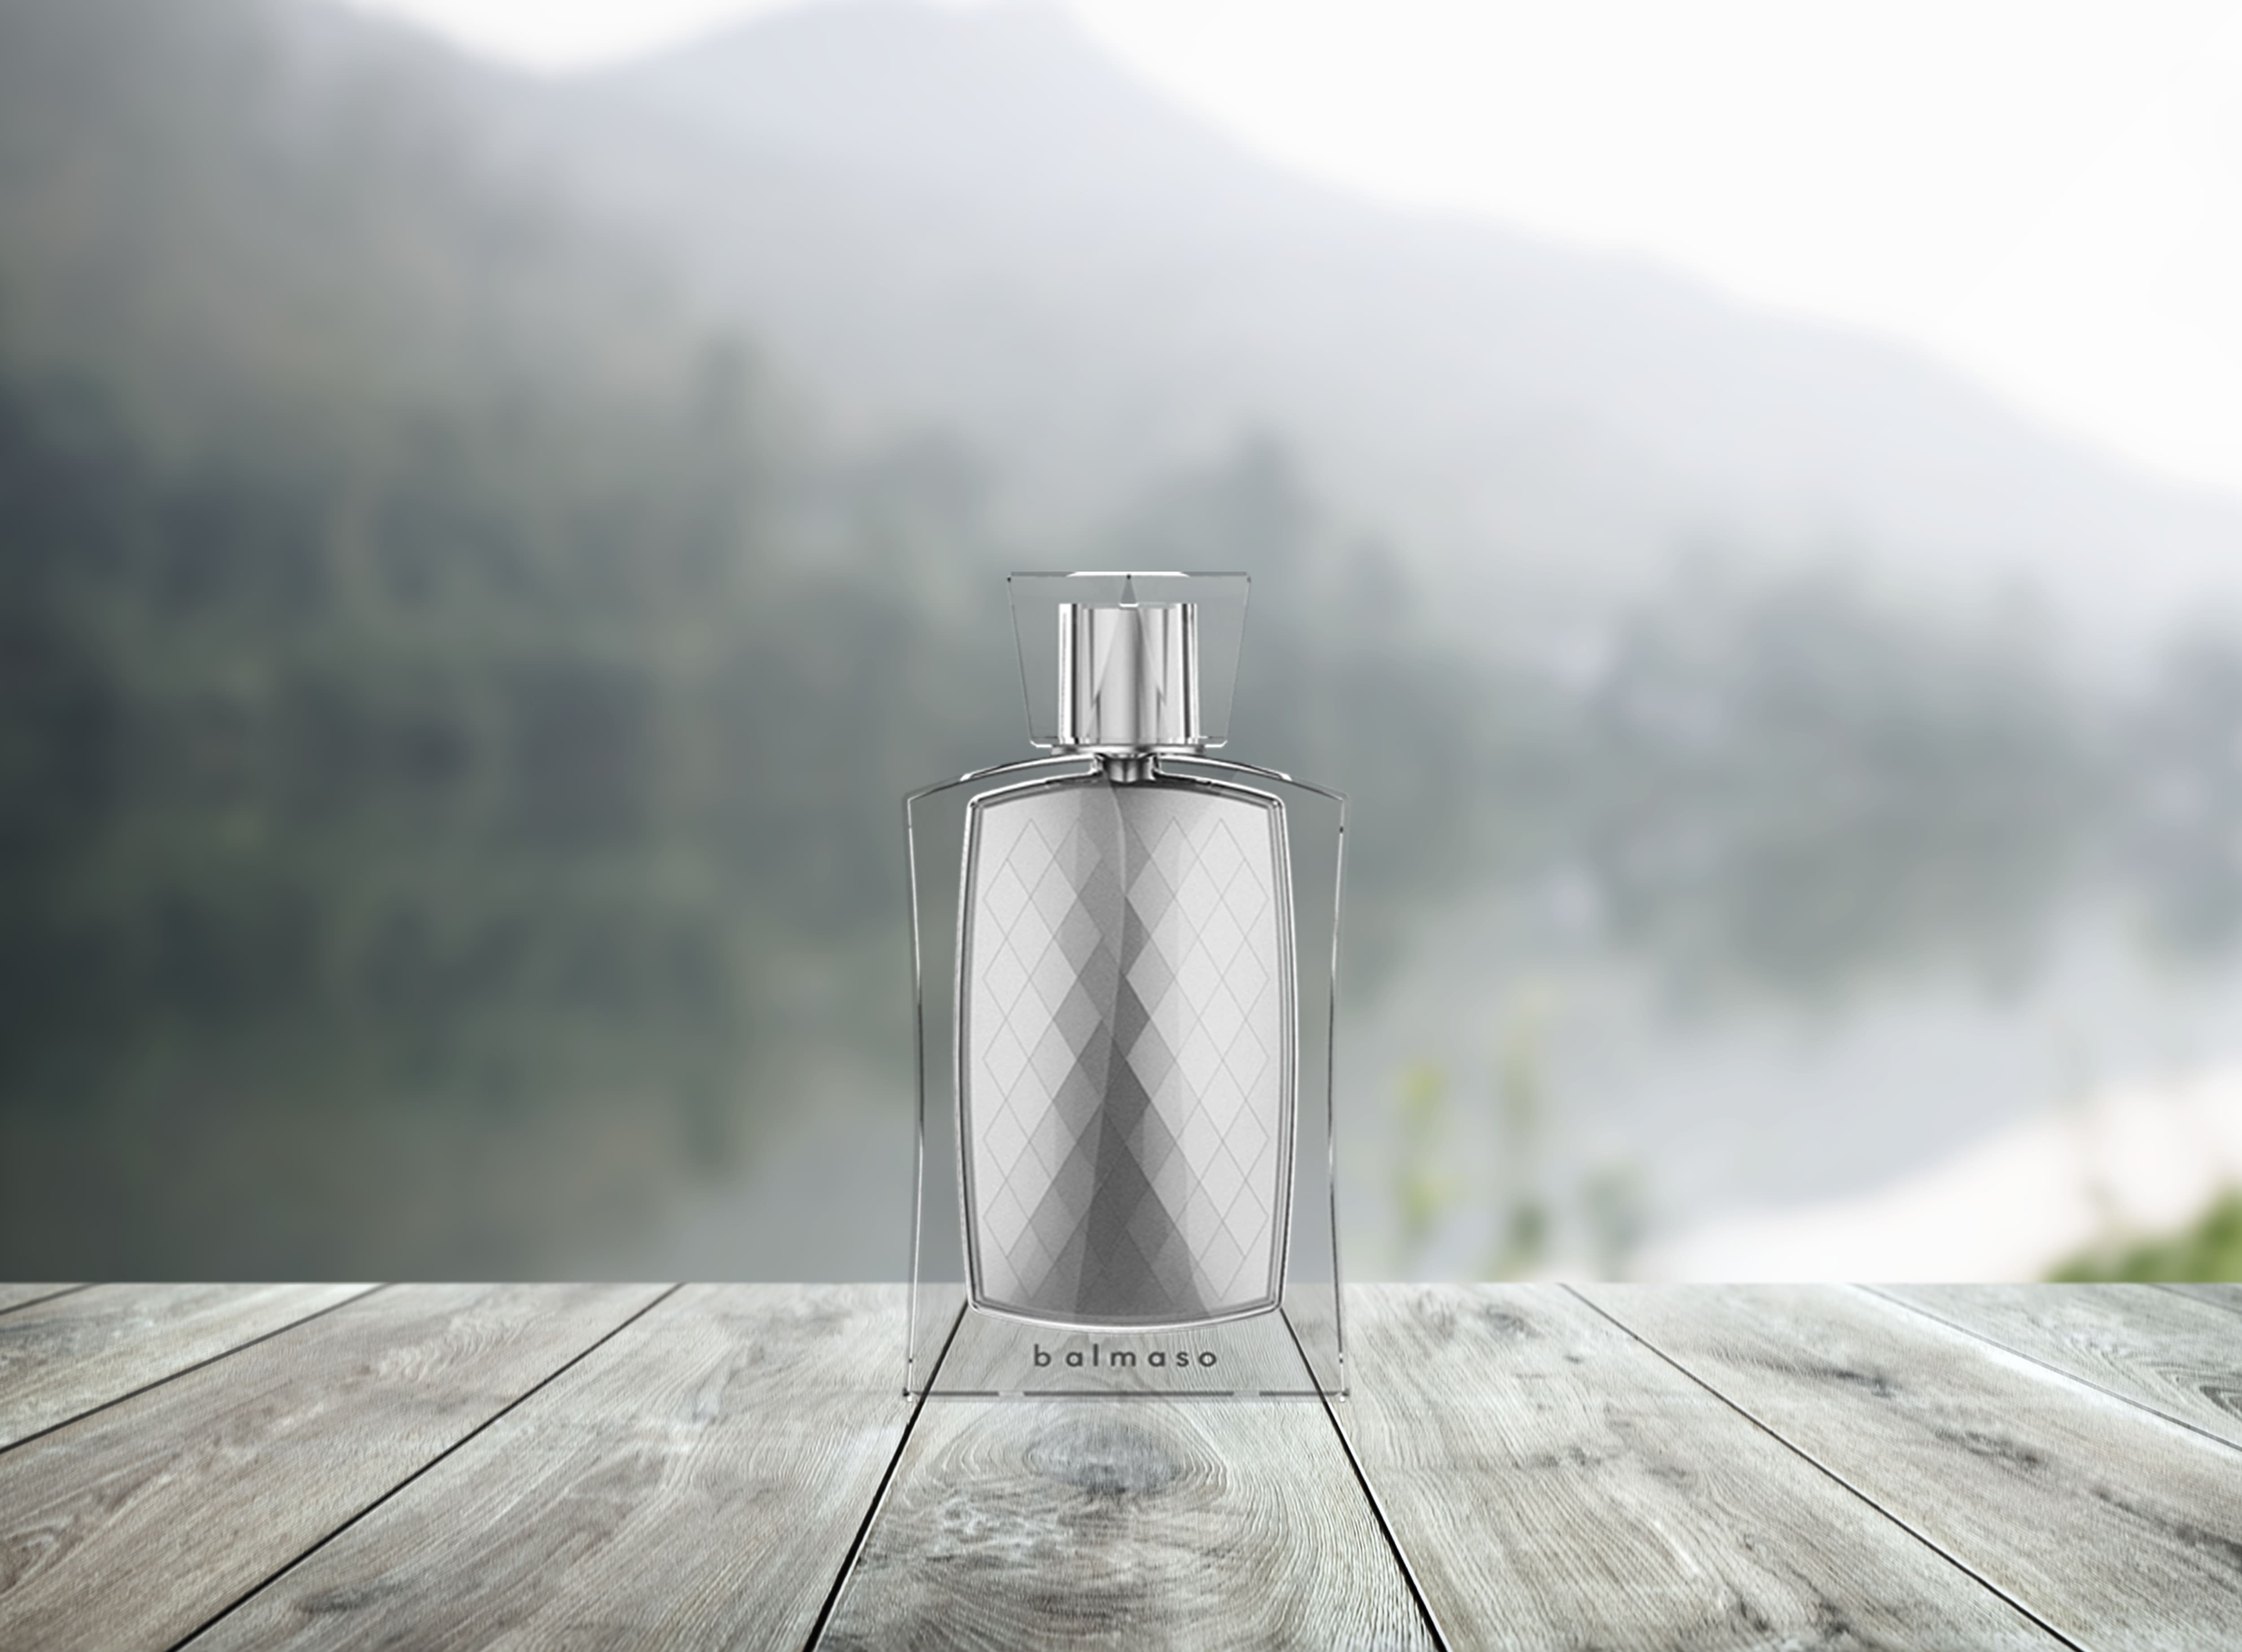 ادوپرفیوم Balmaso Silver، عطری منحصر بفرد و جذاب برای آقایان